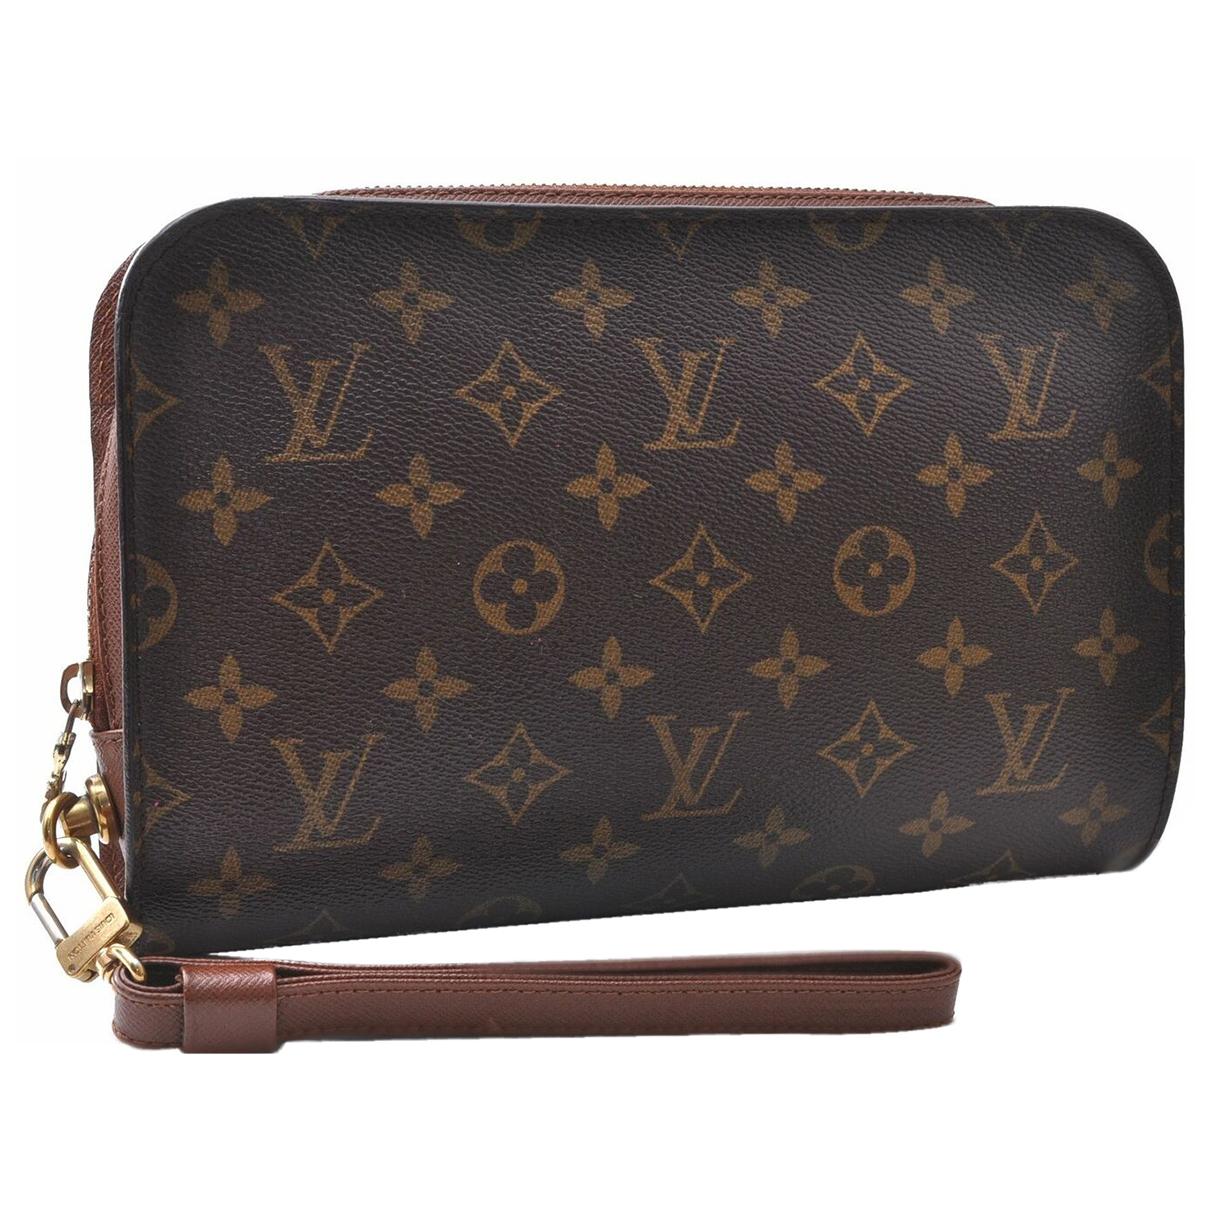 Louis Vuitton - Pochette Orsay pour femme en toile - marron